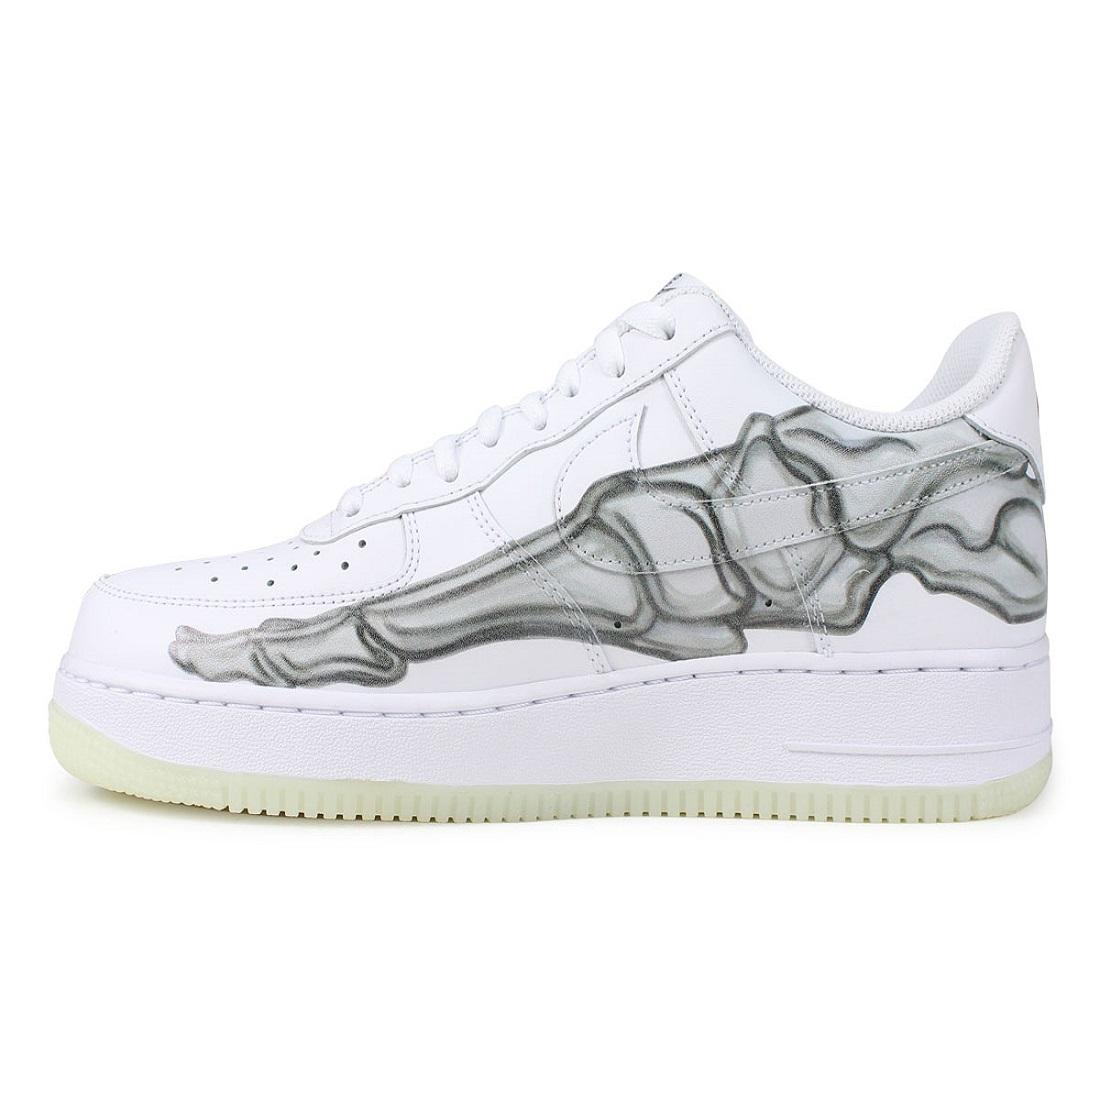 کفش راحتی مردانه نایکی مدل Airforce one - skeleton